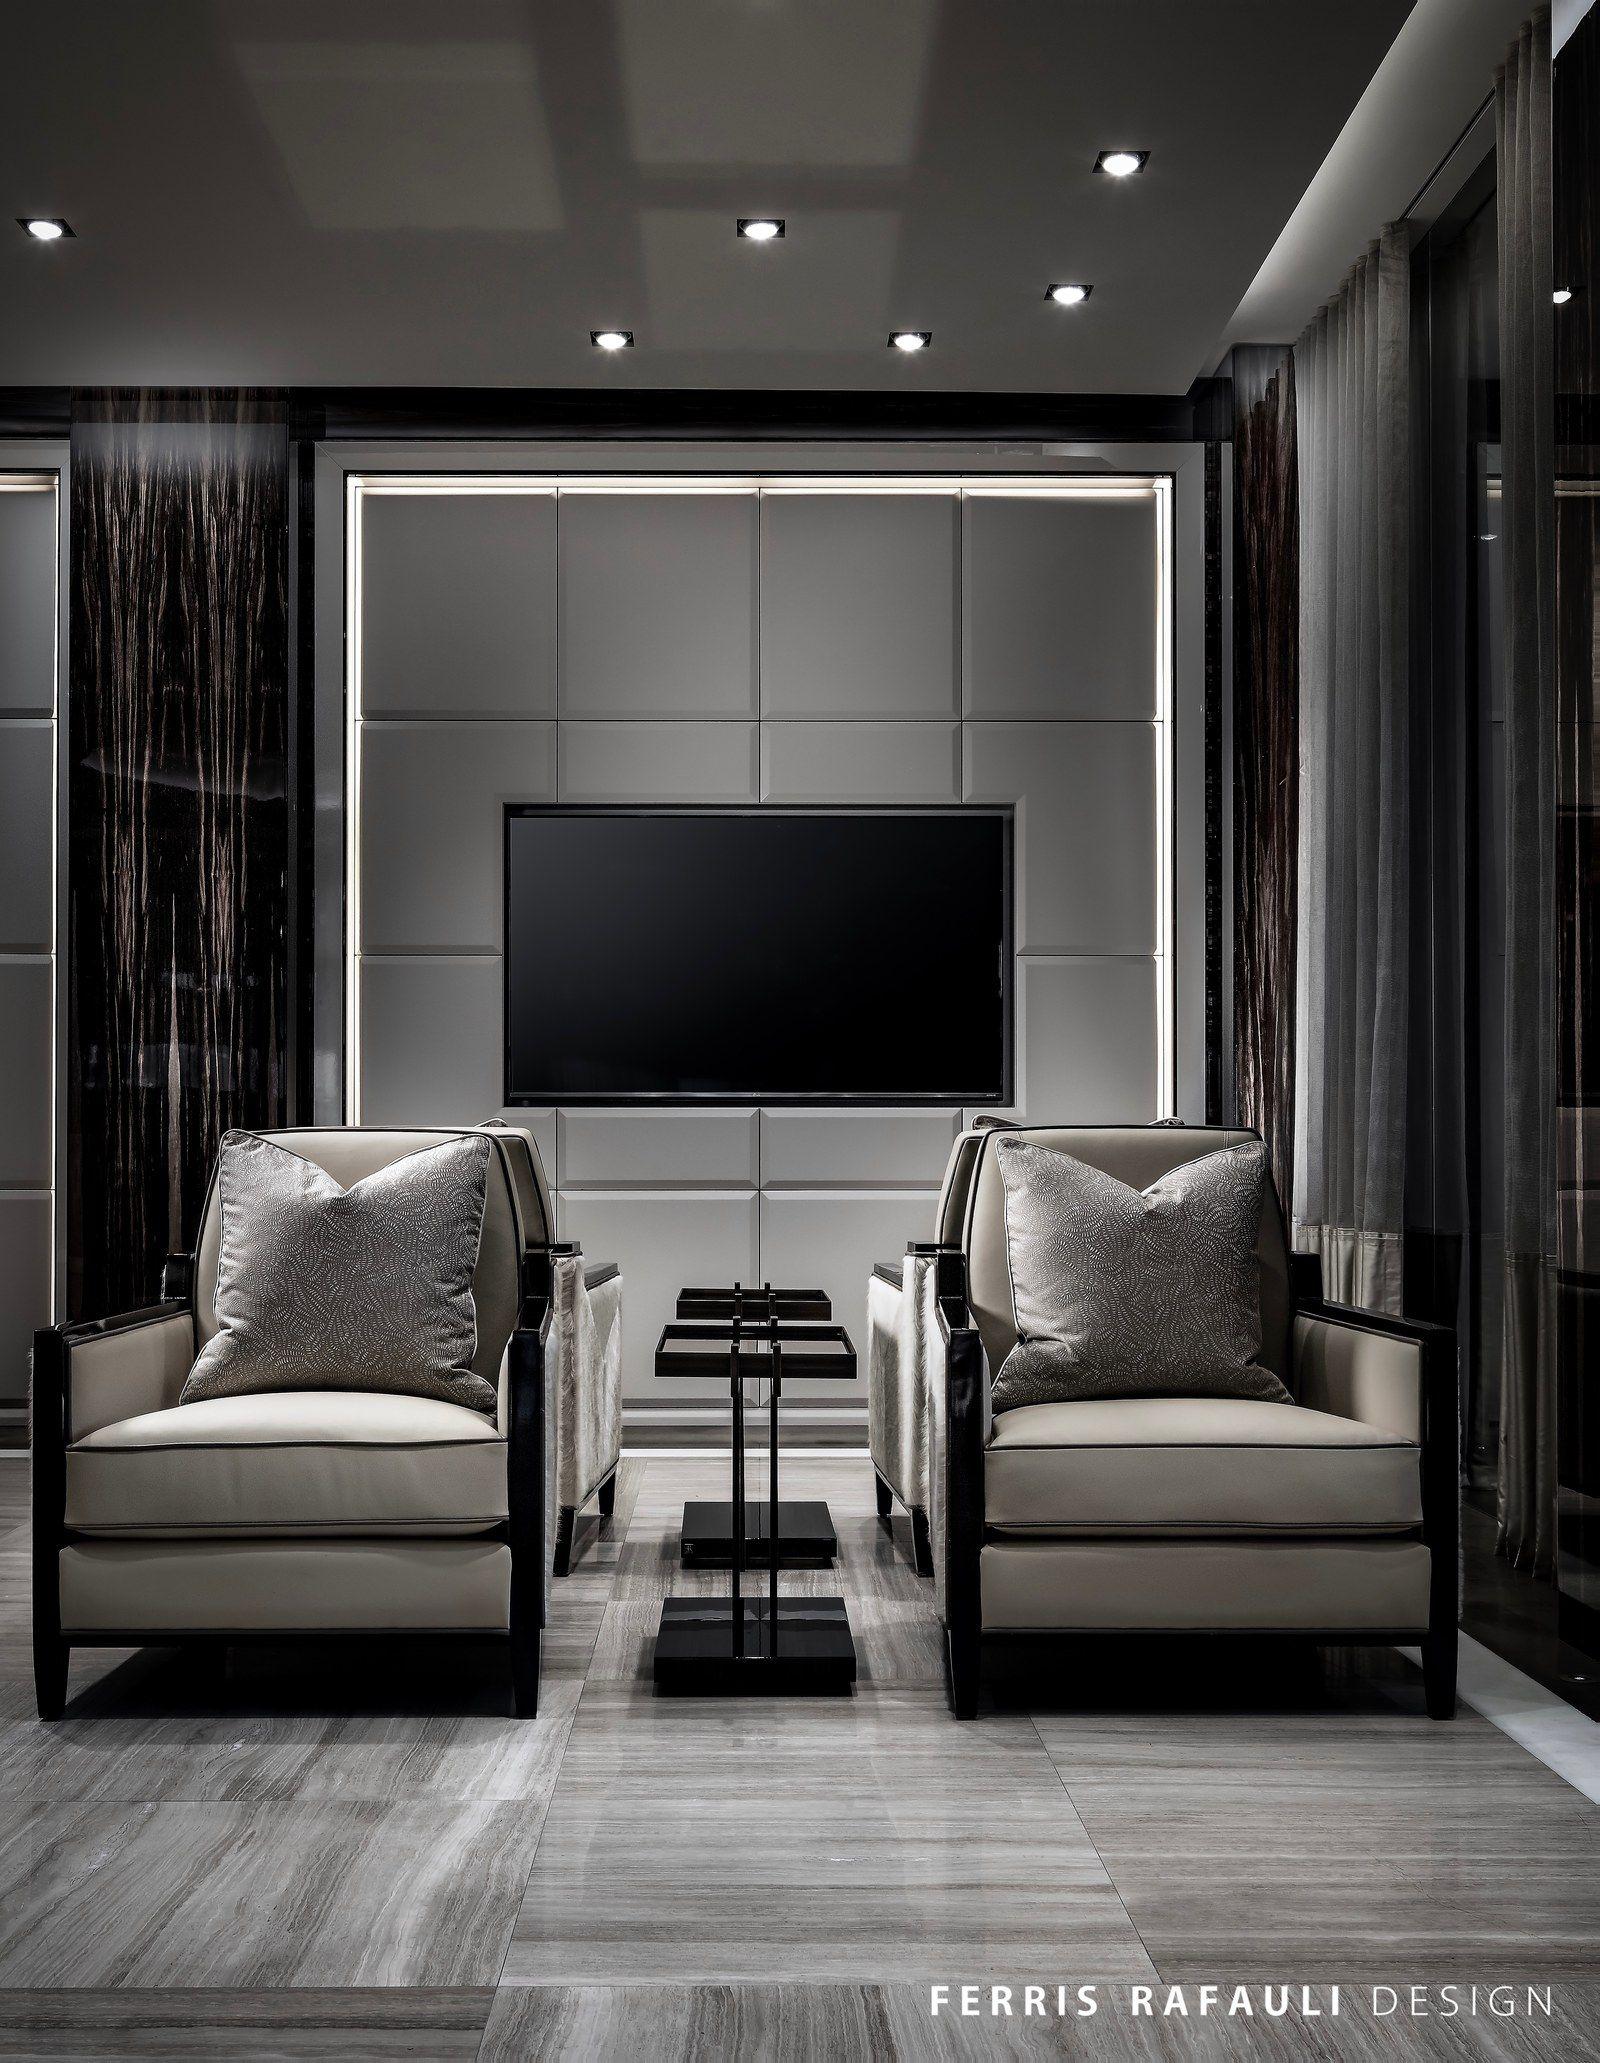 Living Room Interior Designs Tv Unit: Architecture By Ferris Rafauli